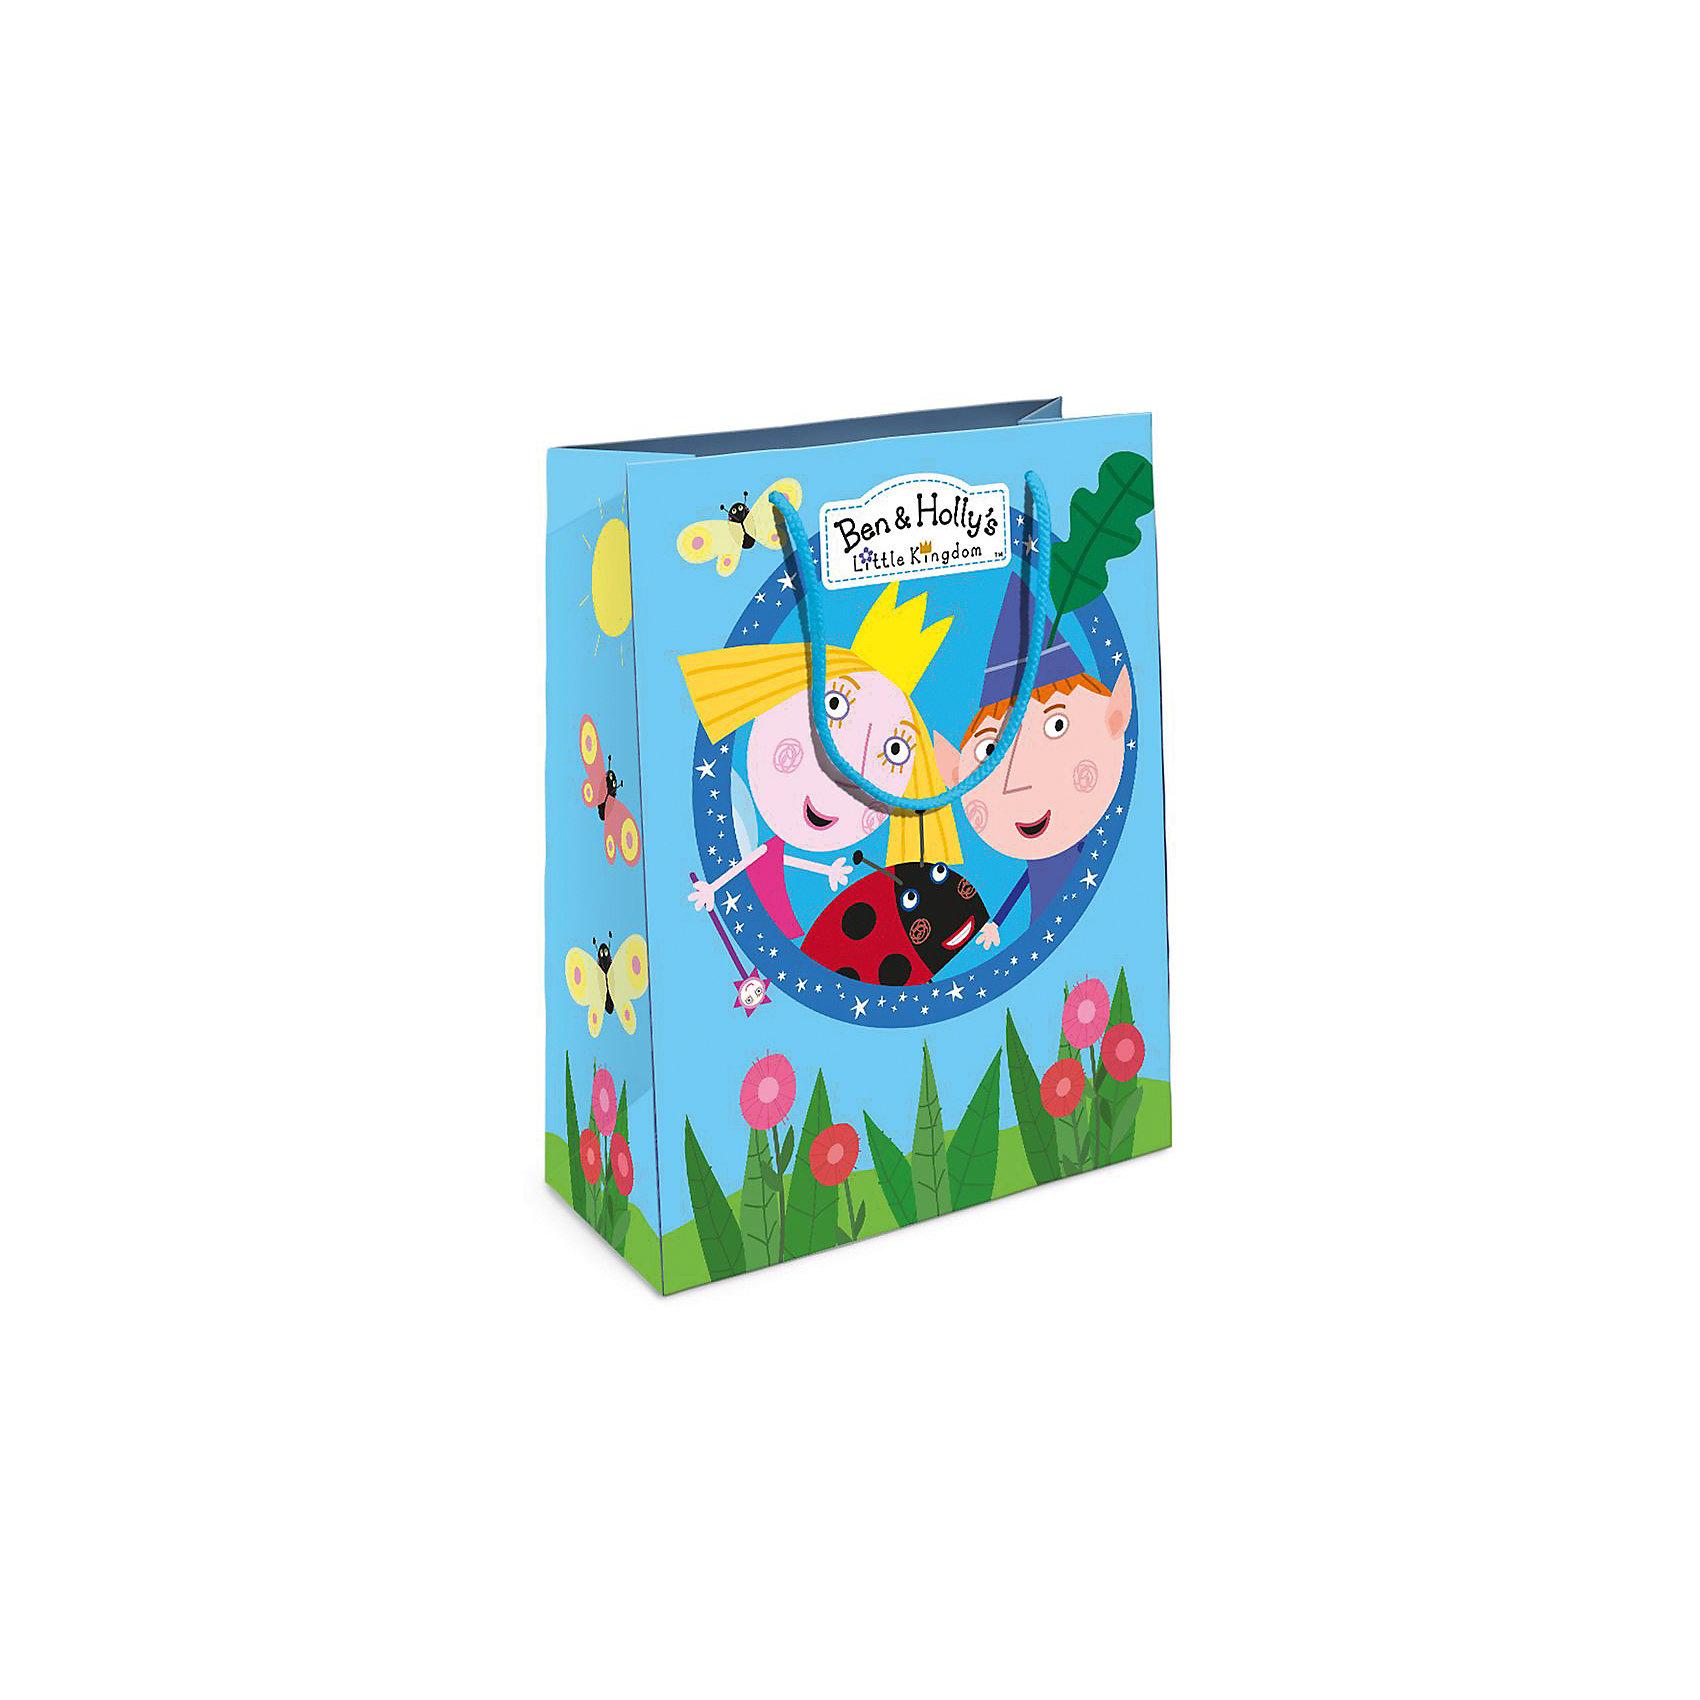 Пакет подарочный, 230*180*100, Бен и ХоллиПодарочный бумажный пакет Бен и Холли стильно и эффектно украсит ваш подарок для малыша. Размер: 23х18х10 см. В ассортименте вы сможете найти такой же пакет размером 35х25х9 см.<br><br>Ширина мм: 230<br>Глубина мм: 180<br>Высота мм: 50<br>Вес г: 39<br>Возраст от месяцев: 36<br>Возраст до месяцев: 2147483647<br>Пол: Унисекс<br>Возраст: Детский<br>SKU: 5453484